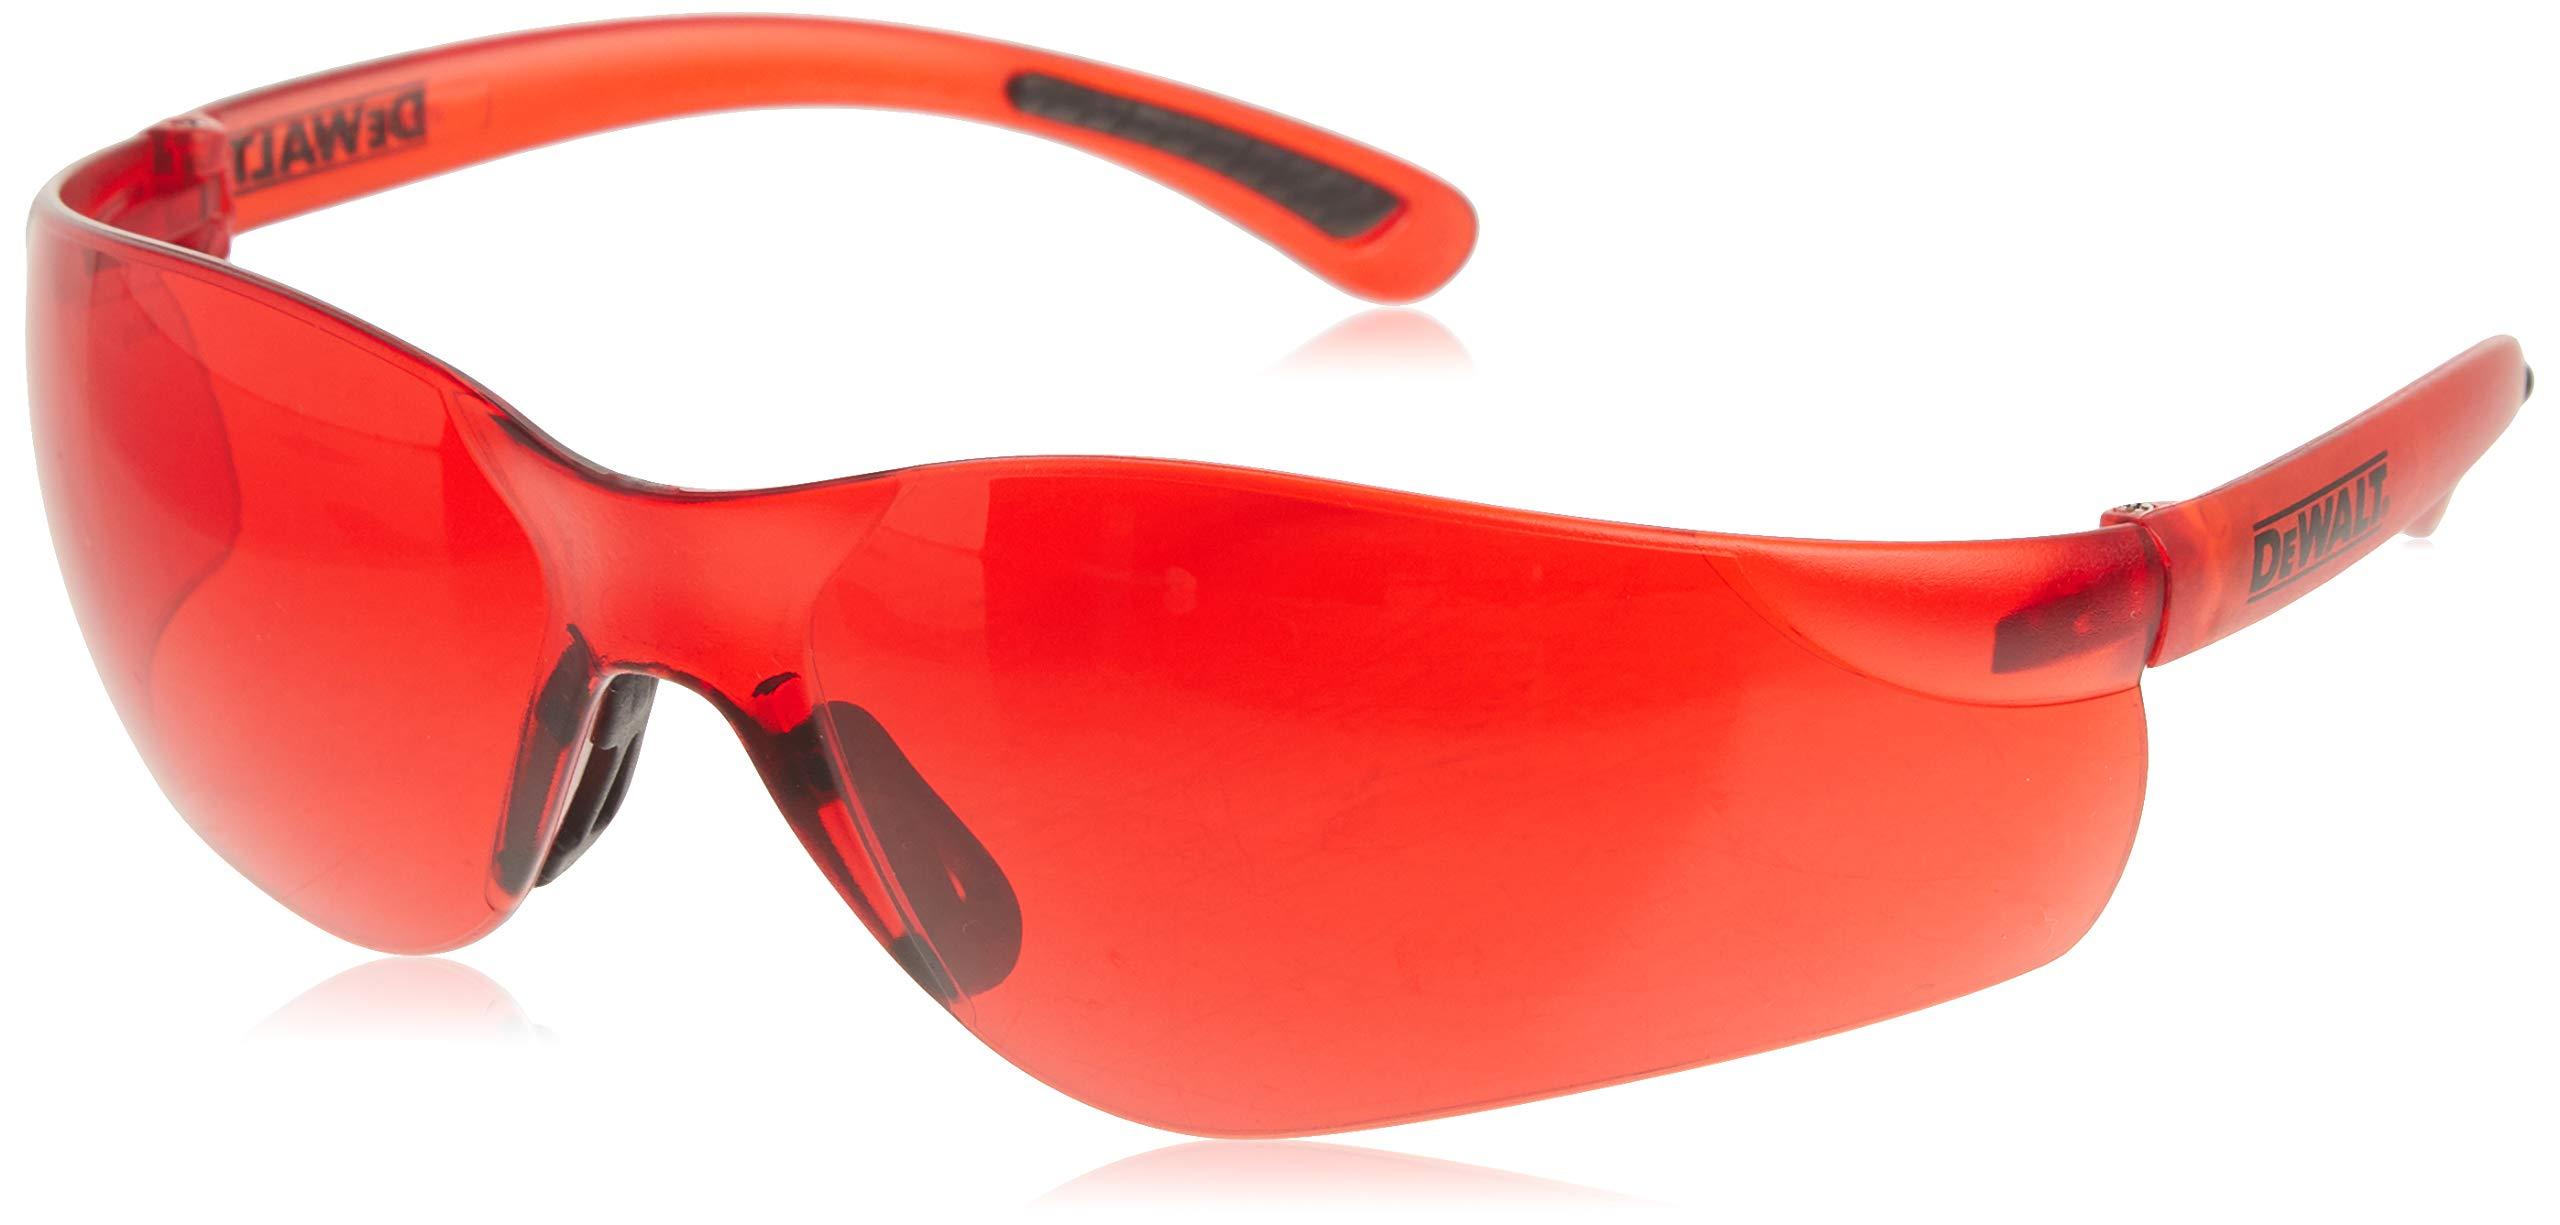 DEWALT Laser Level Enhancement Glasses, Red (DW0714)